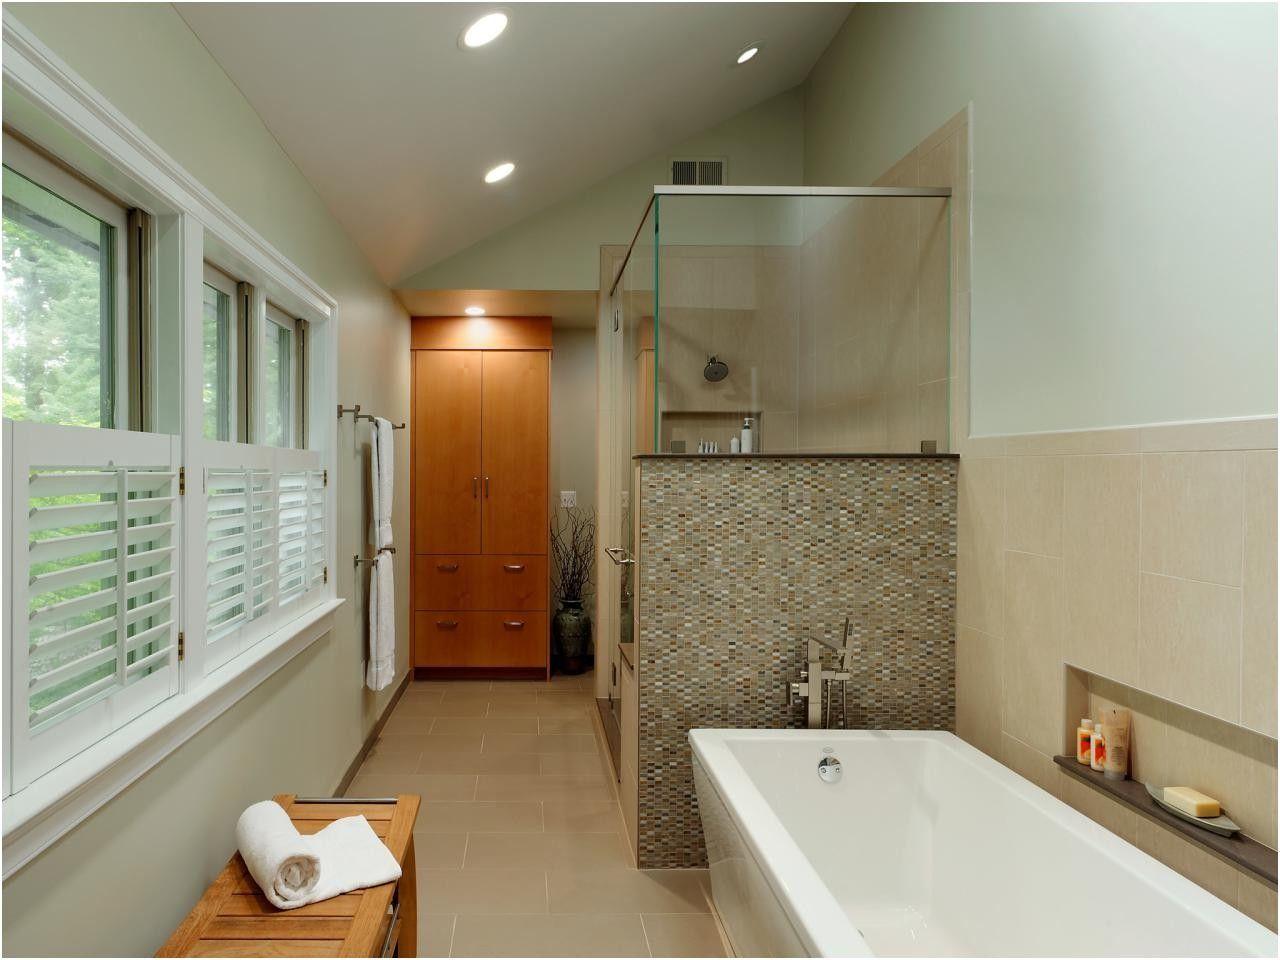 galley bathroom design ideas gurdjieffouspensky from ...